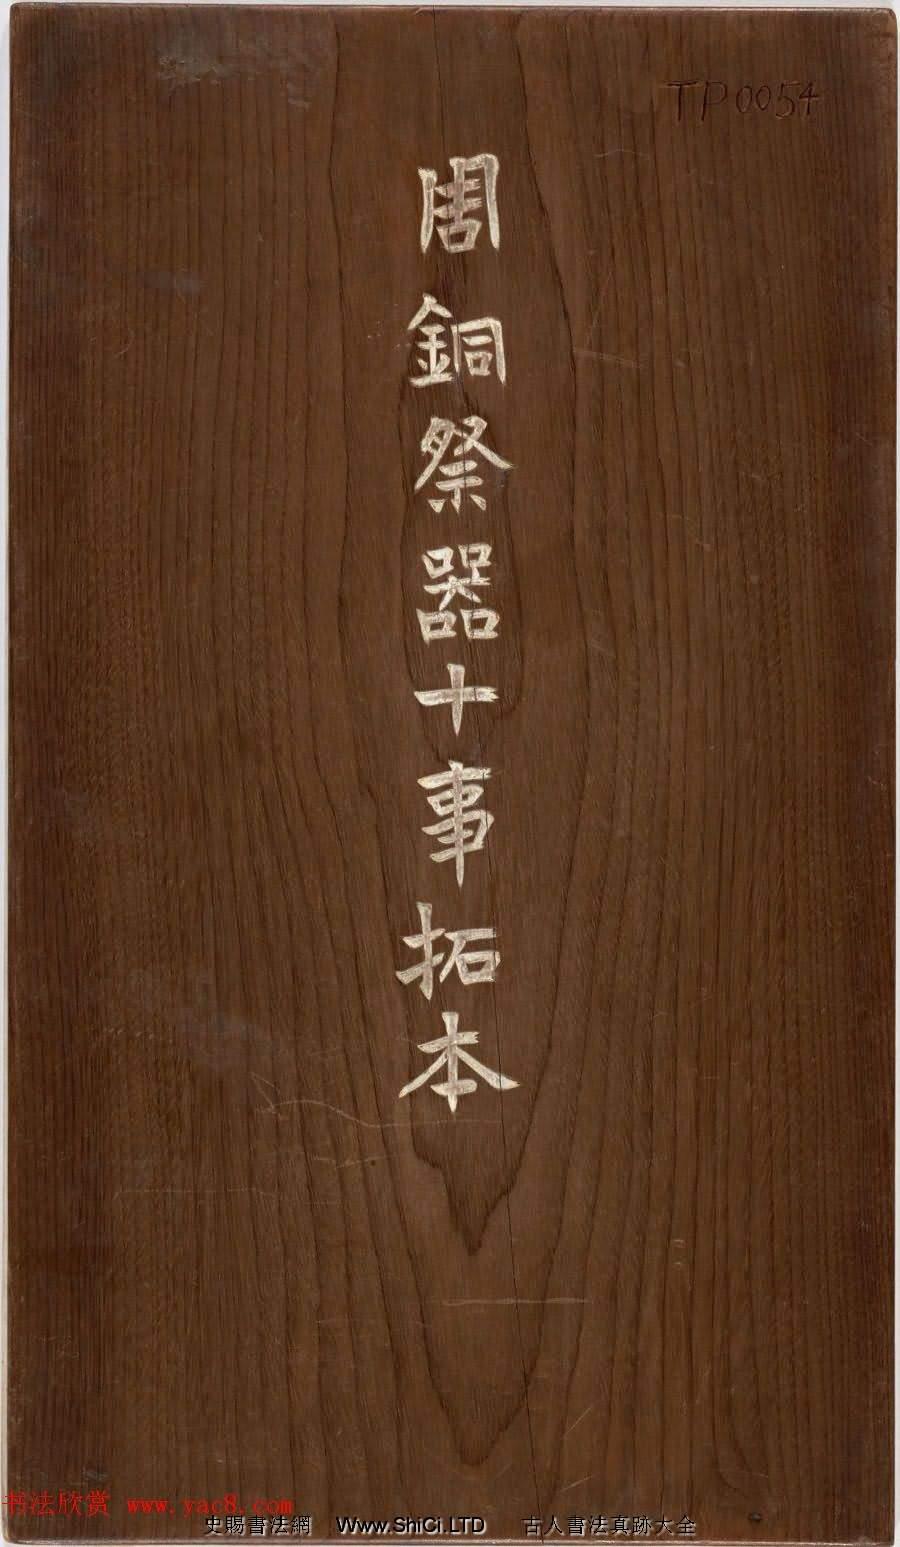 銅器全型拓真跡欣賞《周銅祭器十事拓本》(共13張圖片)